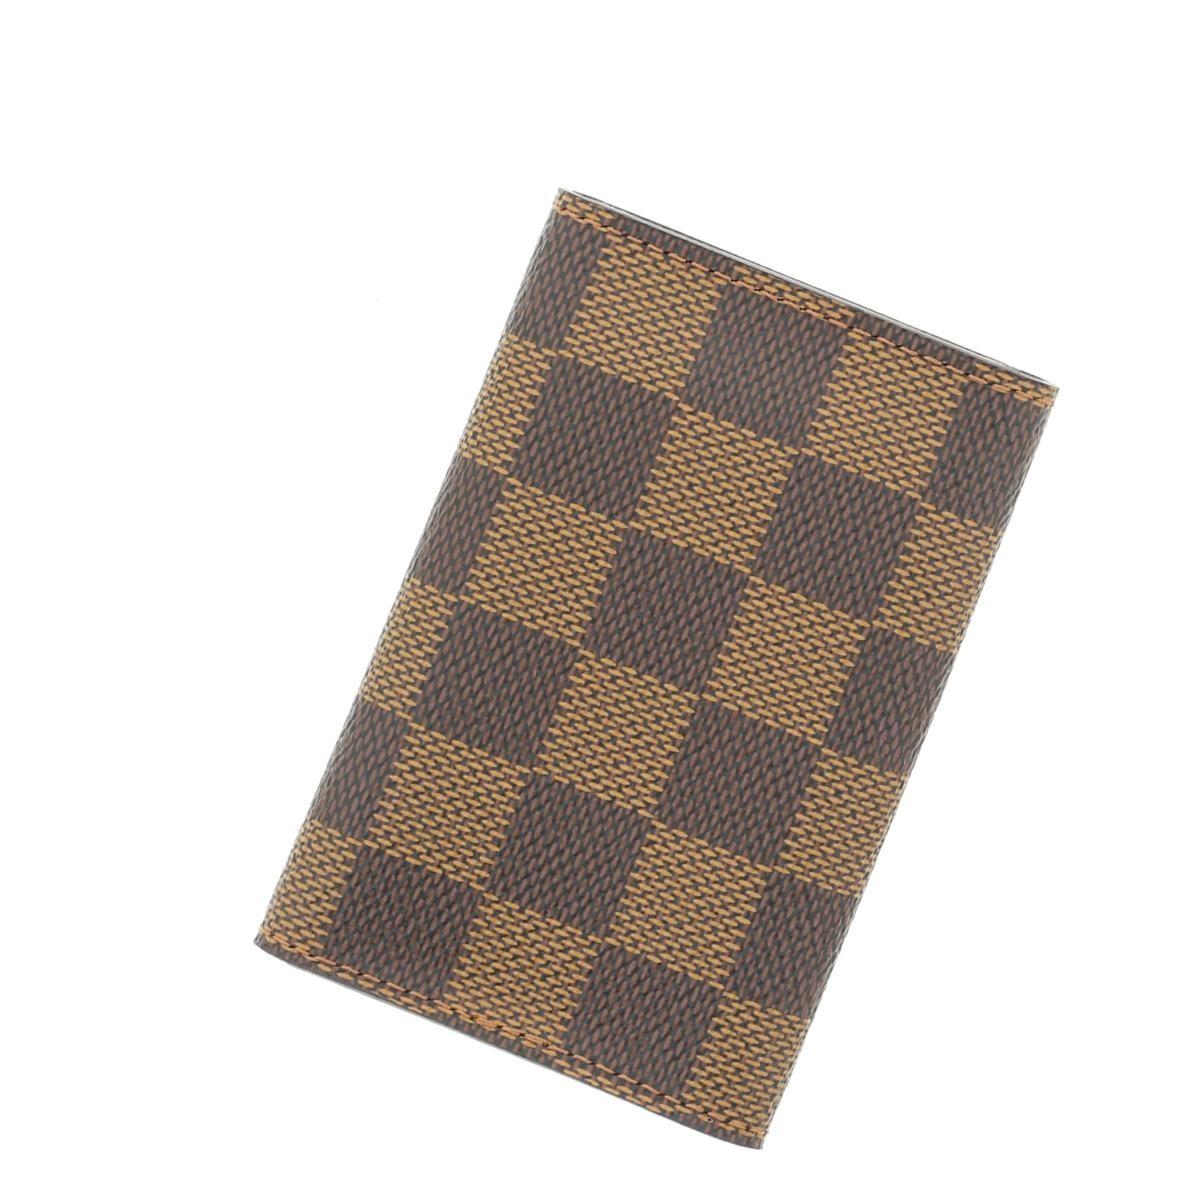 【中古】LOUIS VUITTON (ルイヴィトン) ミュルティクレ6 小物 キーケース Damier/Ebene Brown/ブラウン N62630 used:A